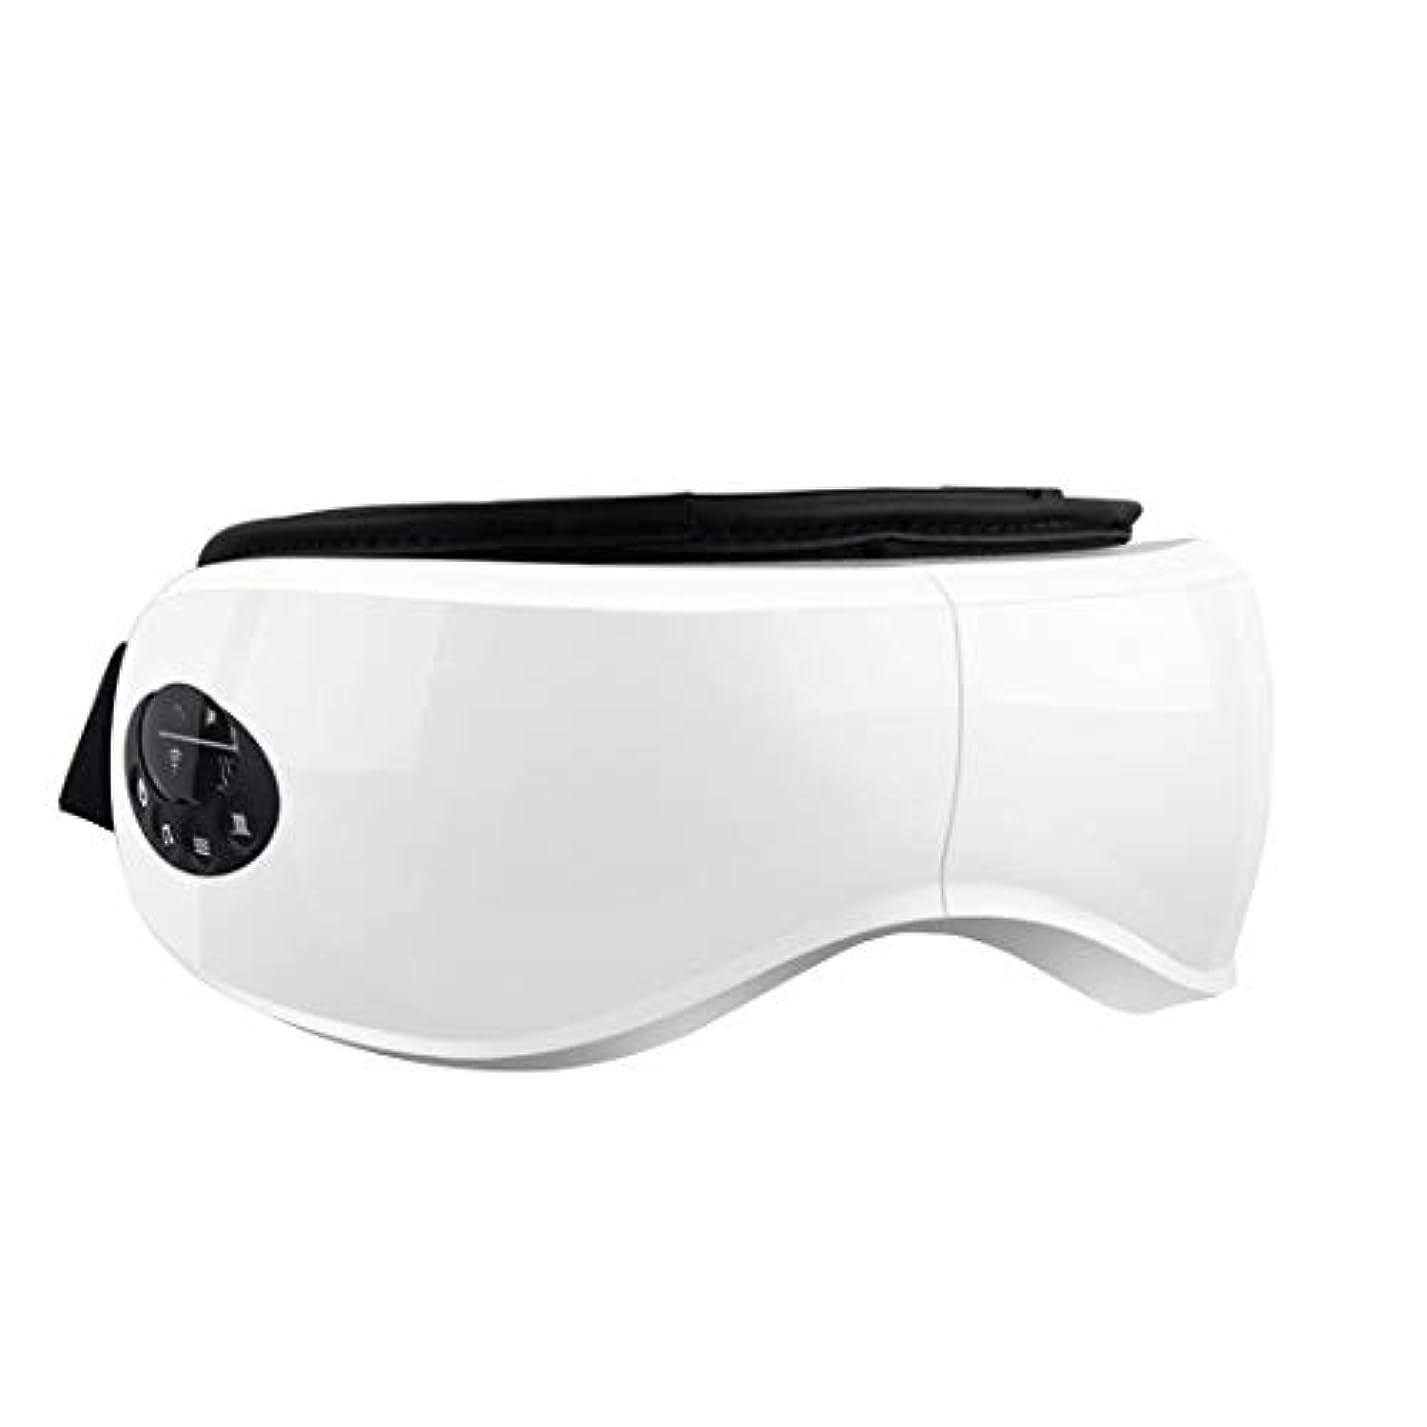 囚人先に少なくとも方朝日スポーツ用品店 空気圧振動を伴う電気アイテンプルマッサージアイリラックス視力治療のための熱圧迫ストレス疲労